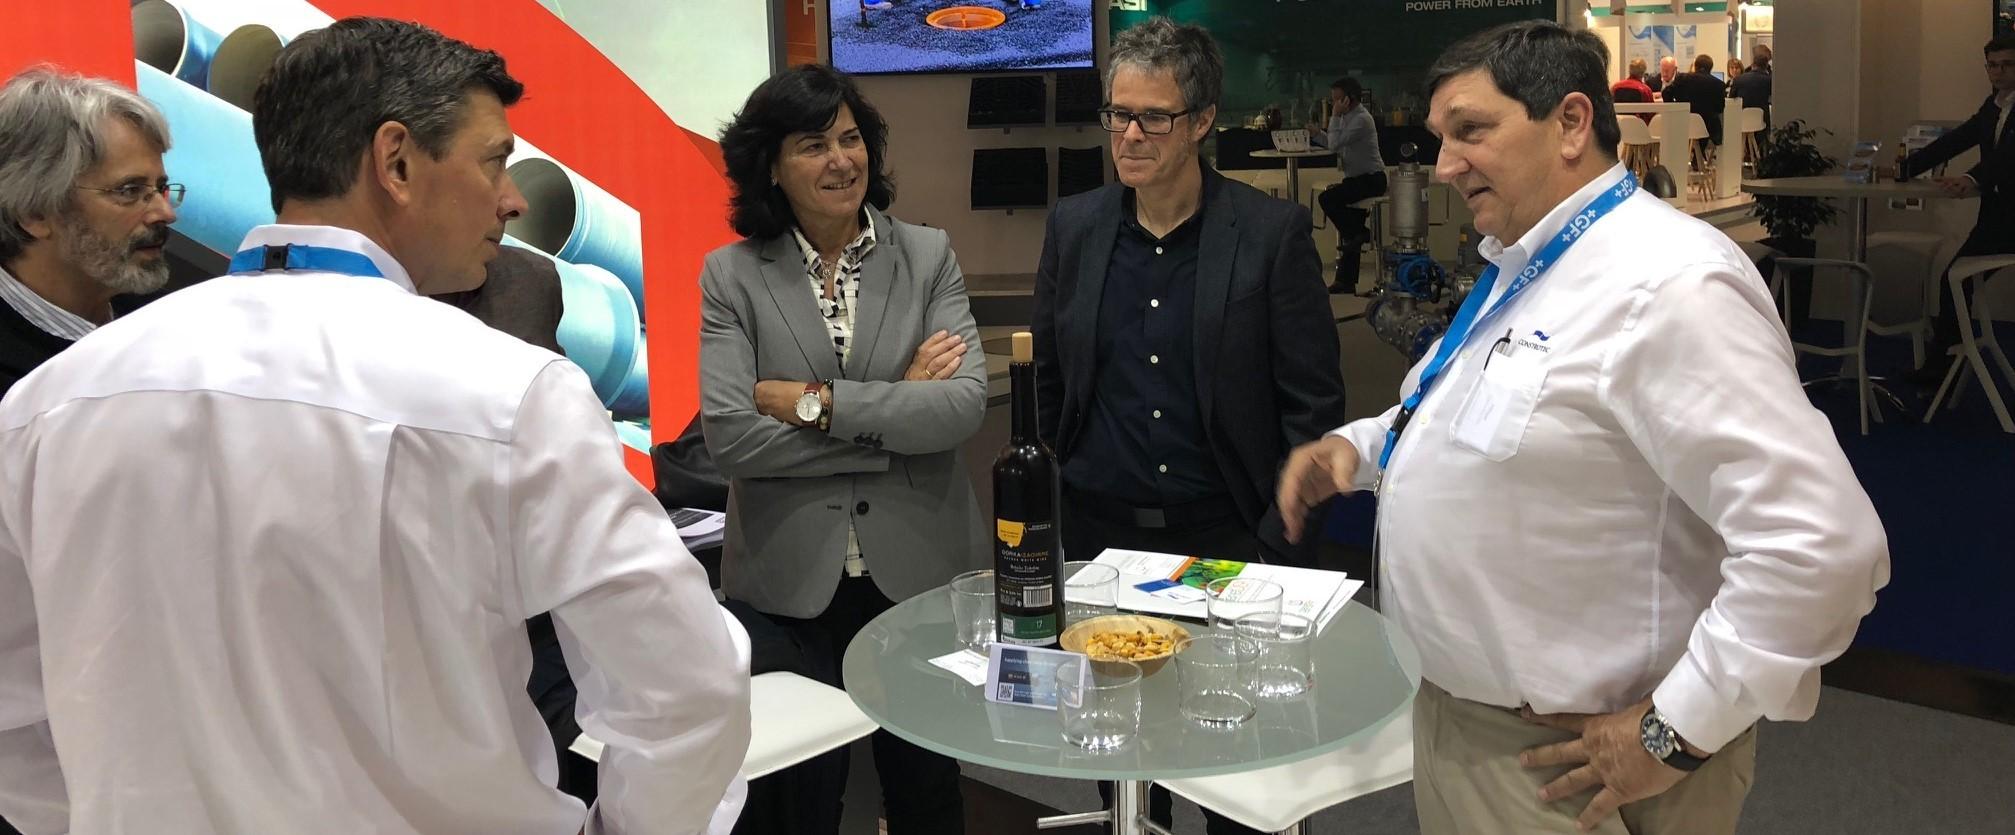 Elena Moreno Zaldibar, Sean Farley y Pachi Dominguez en el stand de CONSTRUTEC – U.S. PIPE